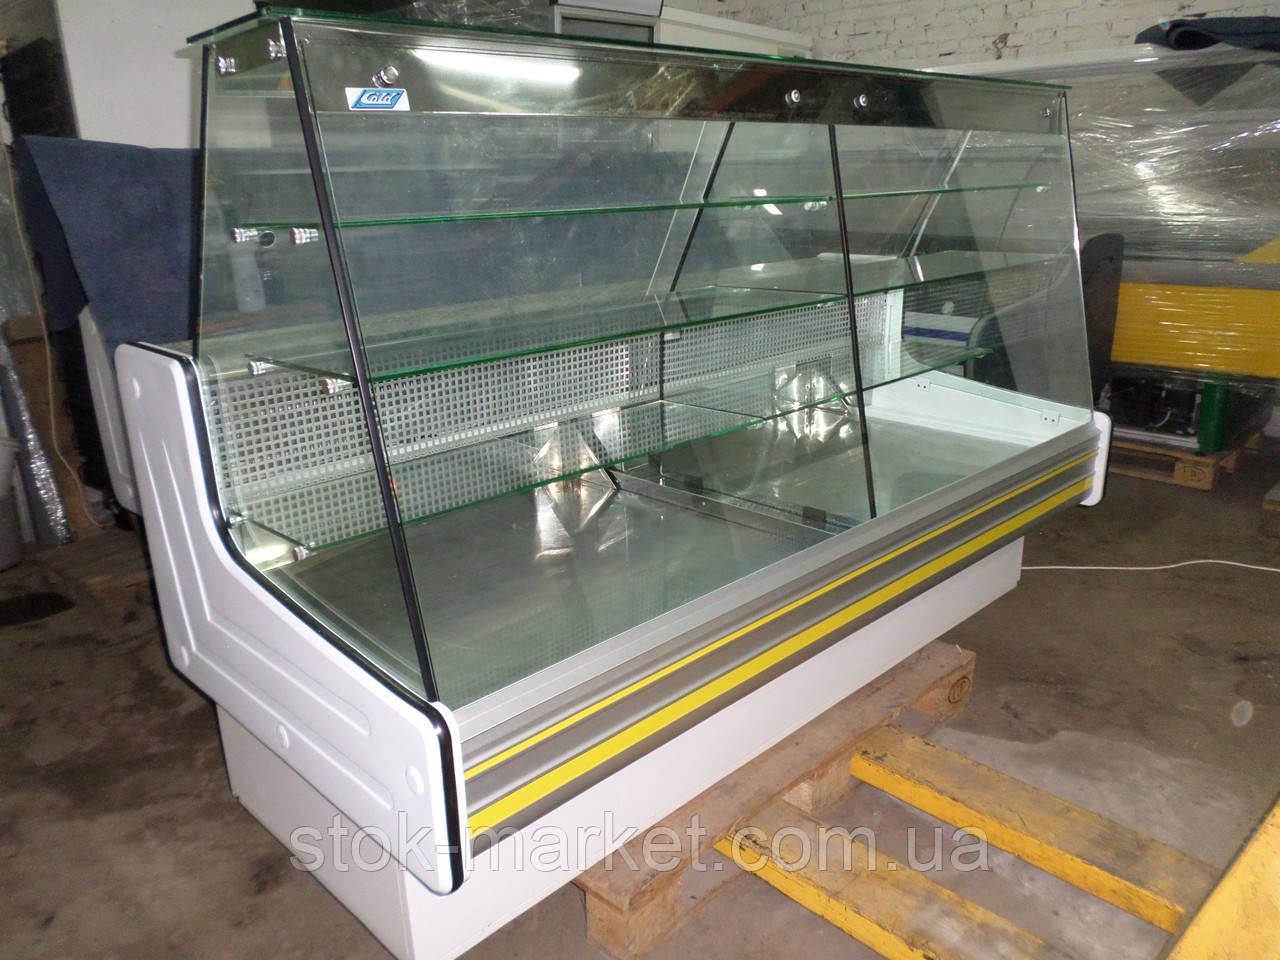 Кондитерская холодильная витрина Cold C-20G б/у, холодильная витрина для кондитерских изделей, кондитерка Cold